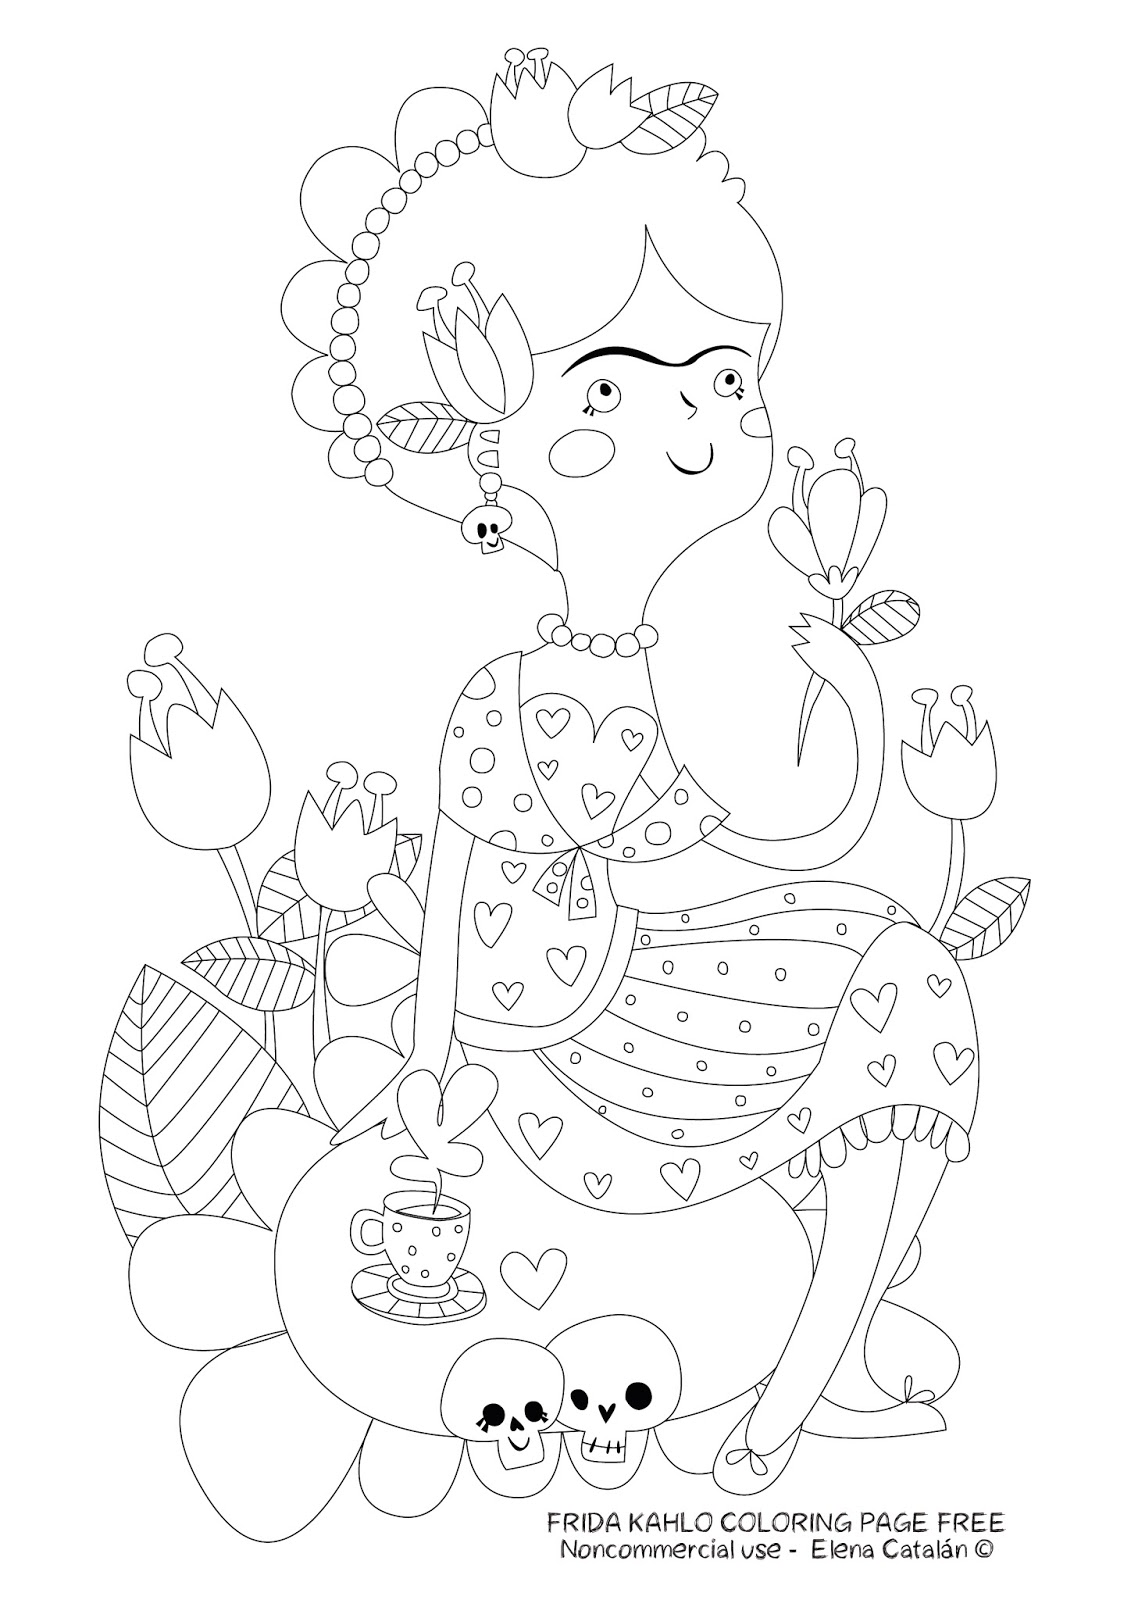 Coso De Ilustradores Frida Kahlo Coloring Page Free